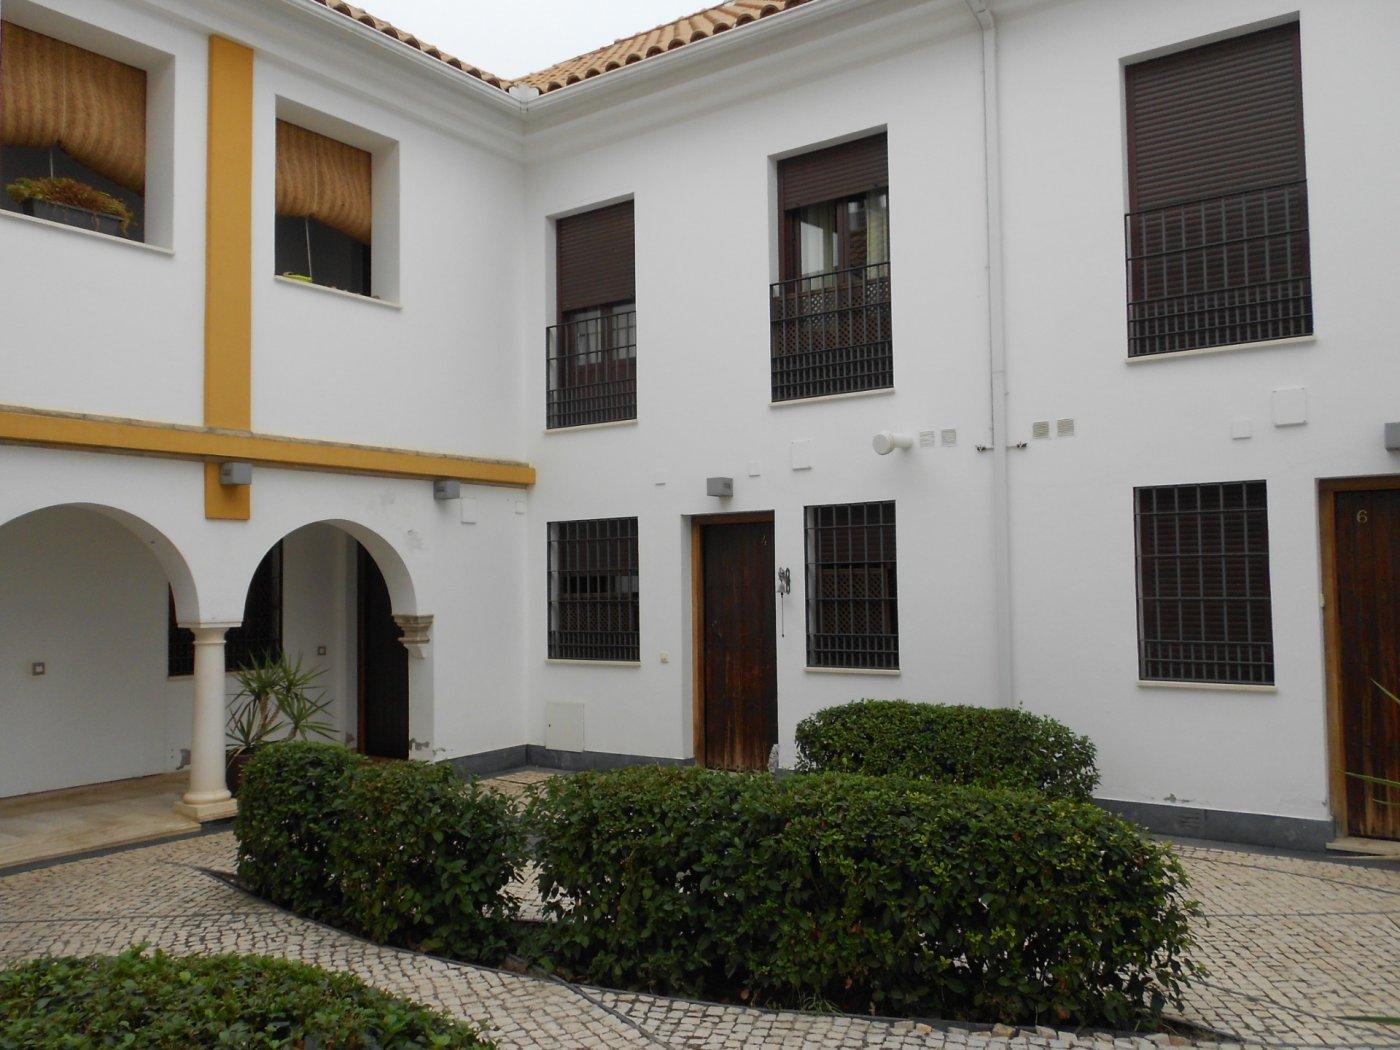 Casa adosada entre ollerÍas y san agustÍn - imagenInmueble25